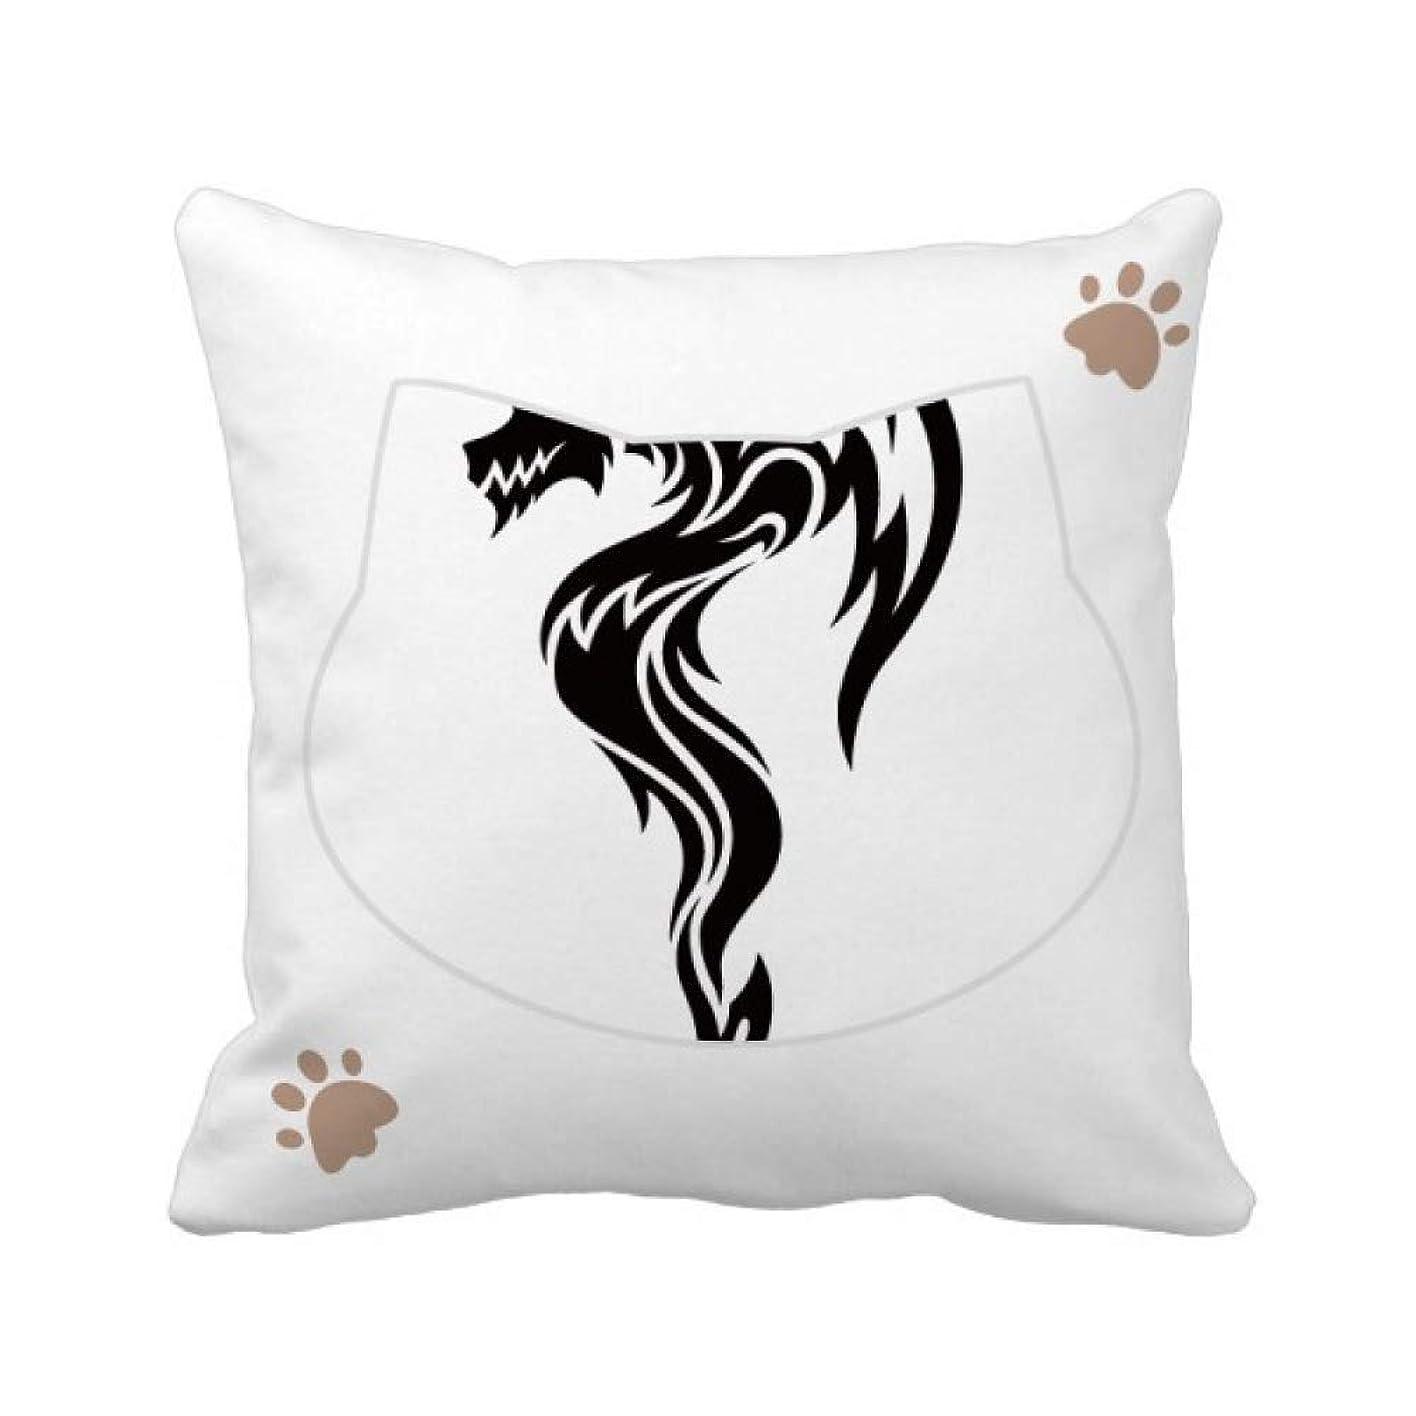 警察署有毒パスドラゴン?動物の芸術の穀物のシルエット 枕カバーを放り投げる猫広場 50cm x 50cm